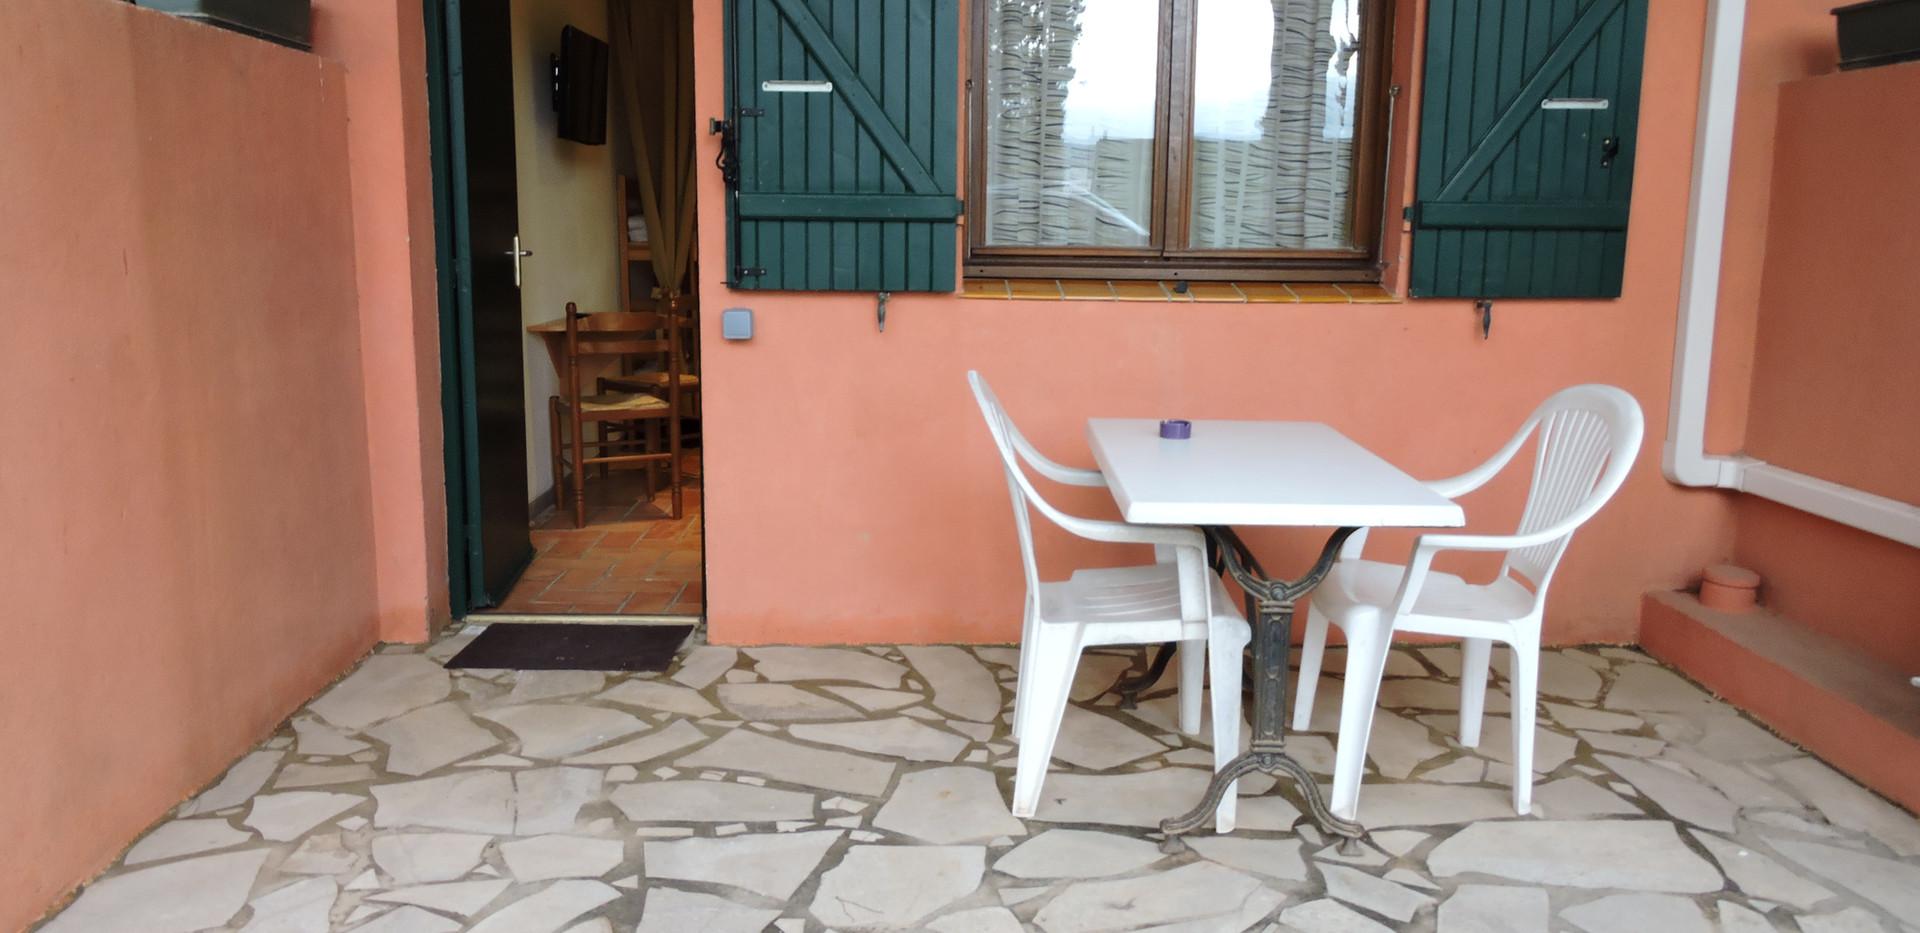 Terrasse privative de la chambre 7 de l'Hôtel La Casa Nova